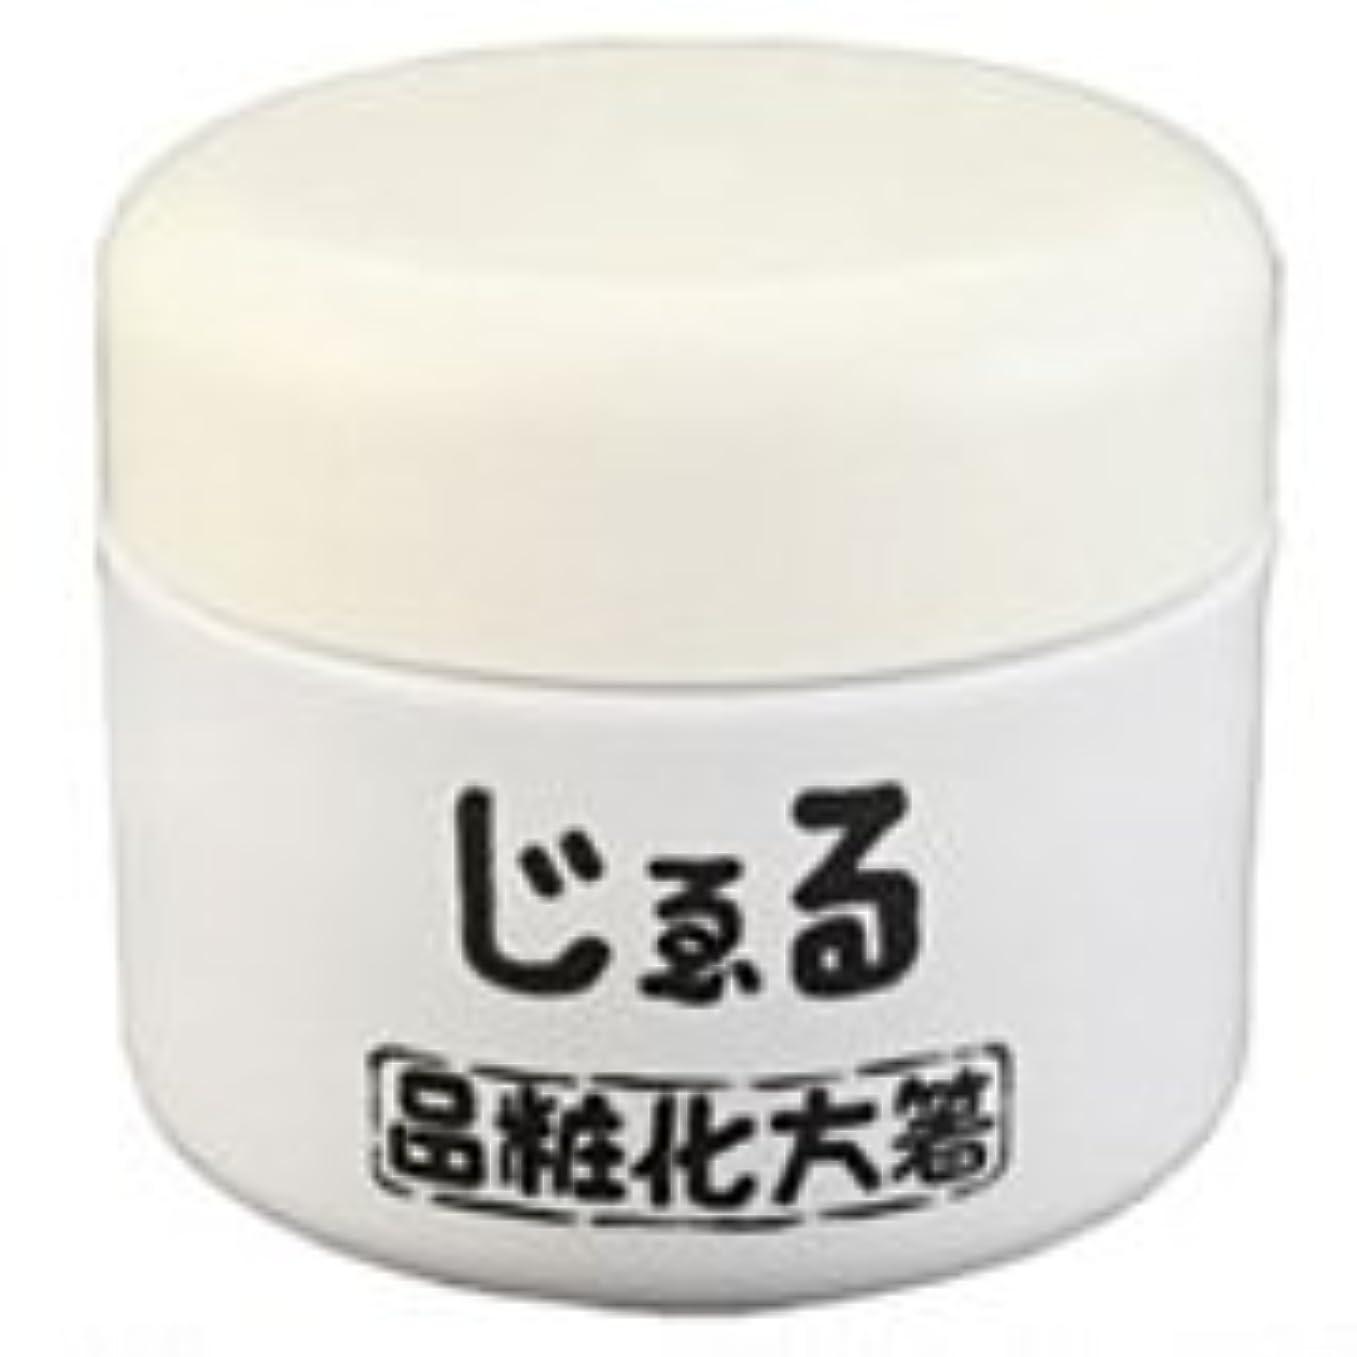 写真撮影運河マトン[箸方化粧品] じぇる 38g はしかた化粧品